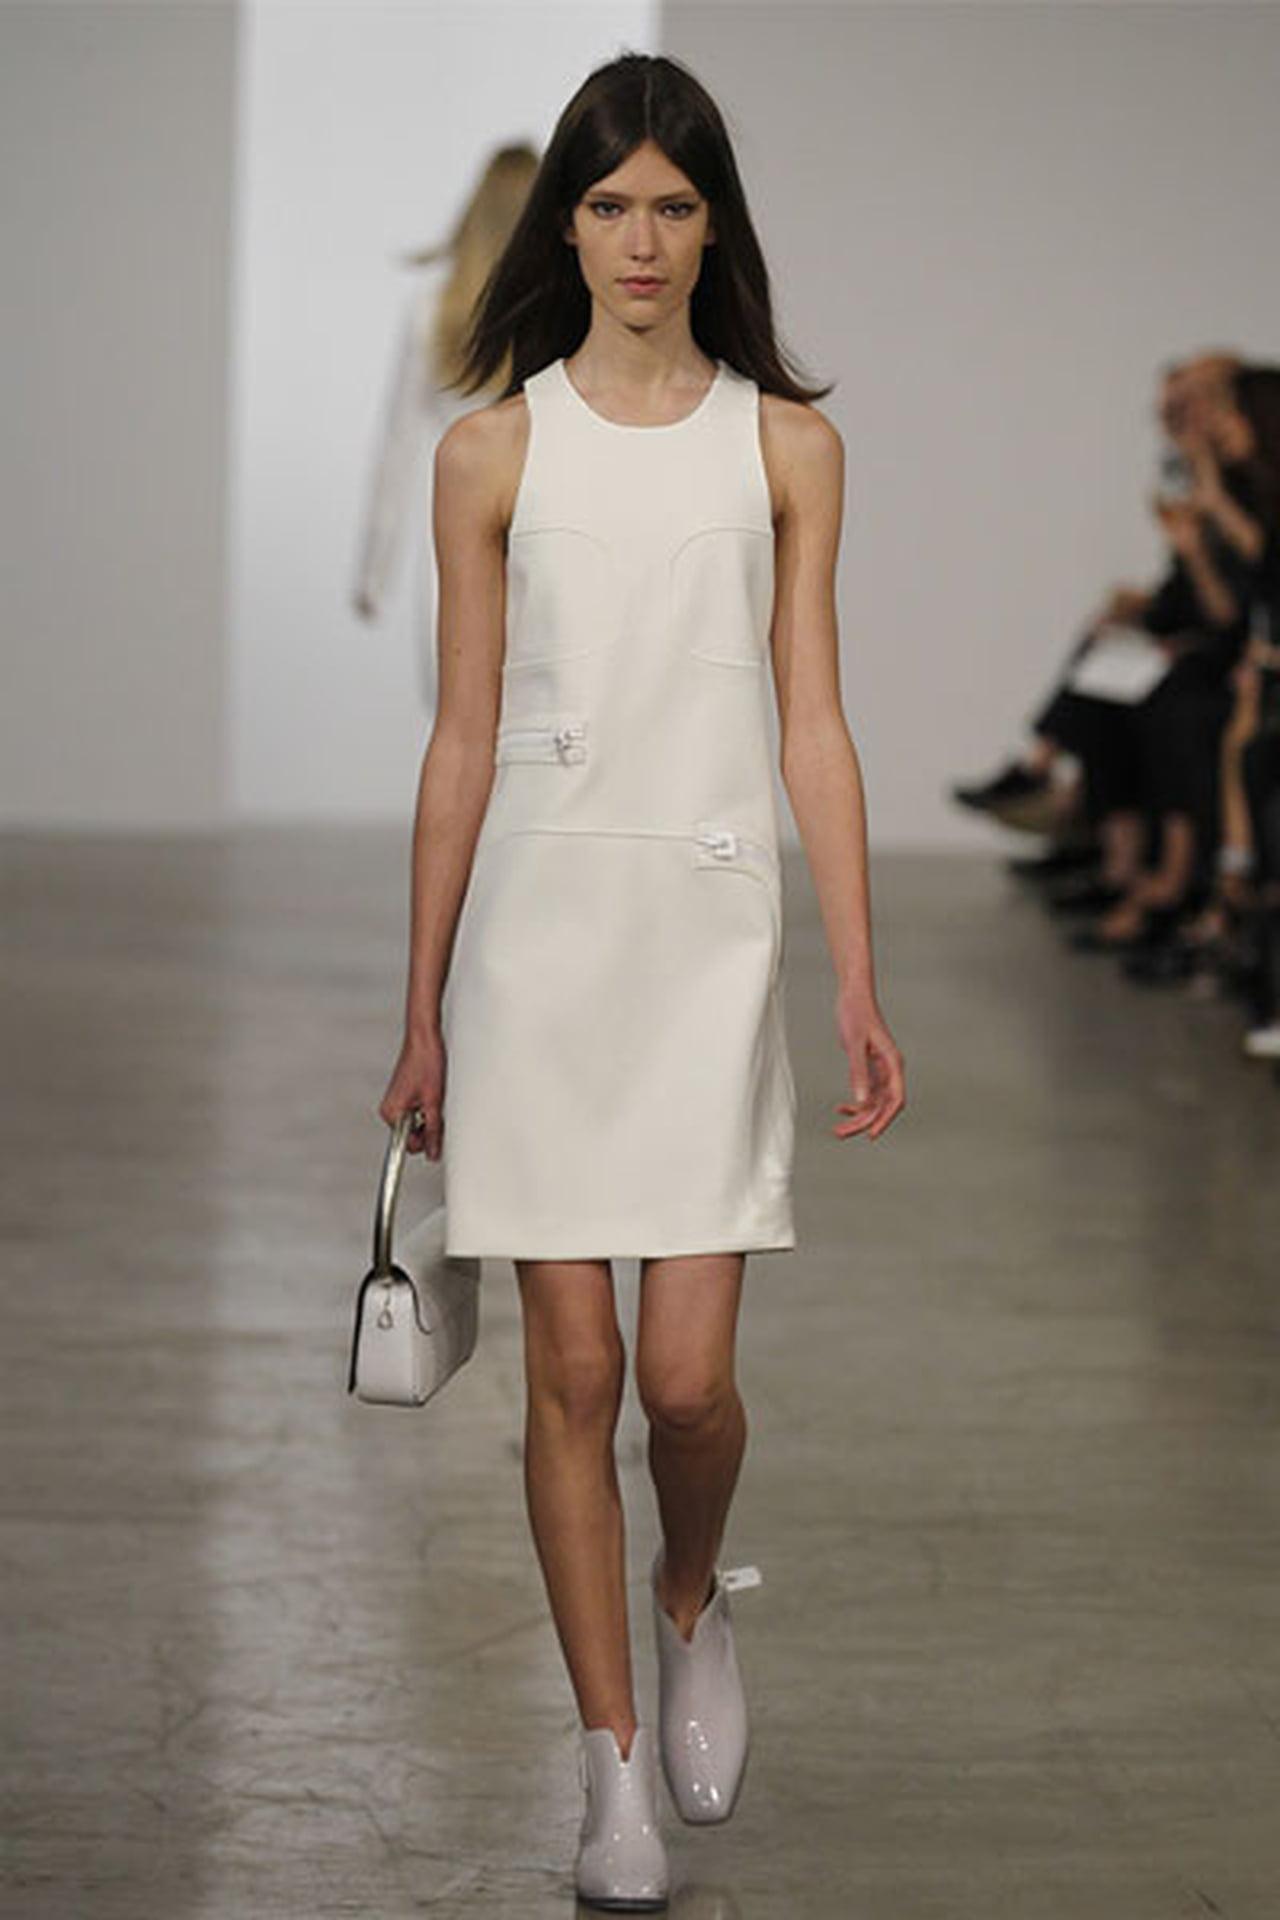 الفساتين القصيرة عنوان الانوثة 827676